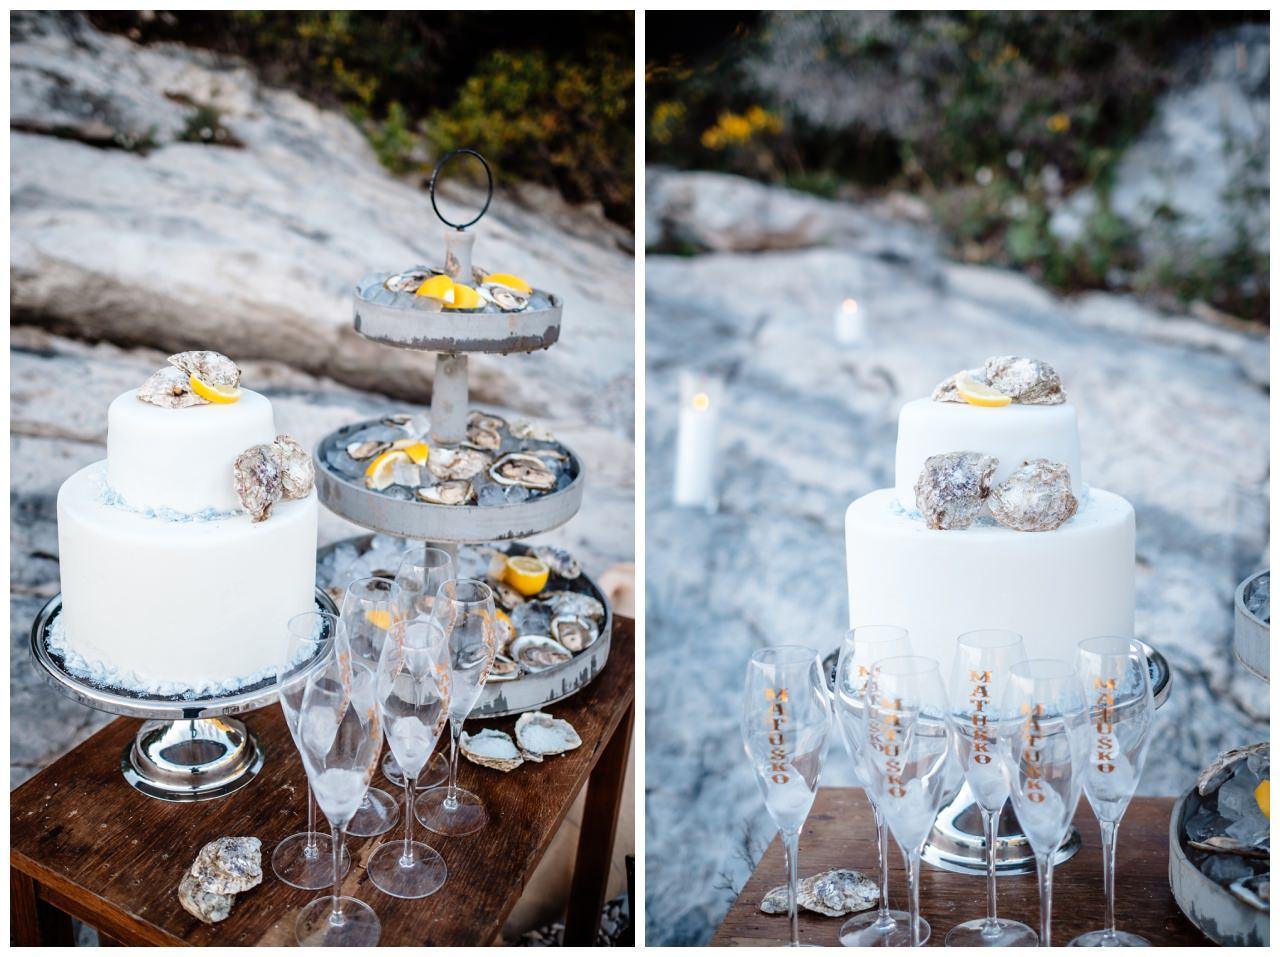 Hochzeit Strand Kroatien Hochzetsplanung Hochzeitsplaner Fotograf 24 - Kleine Hochzeit am Strand